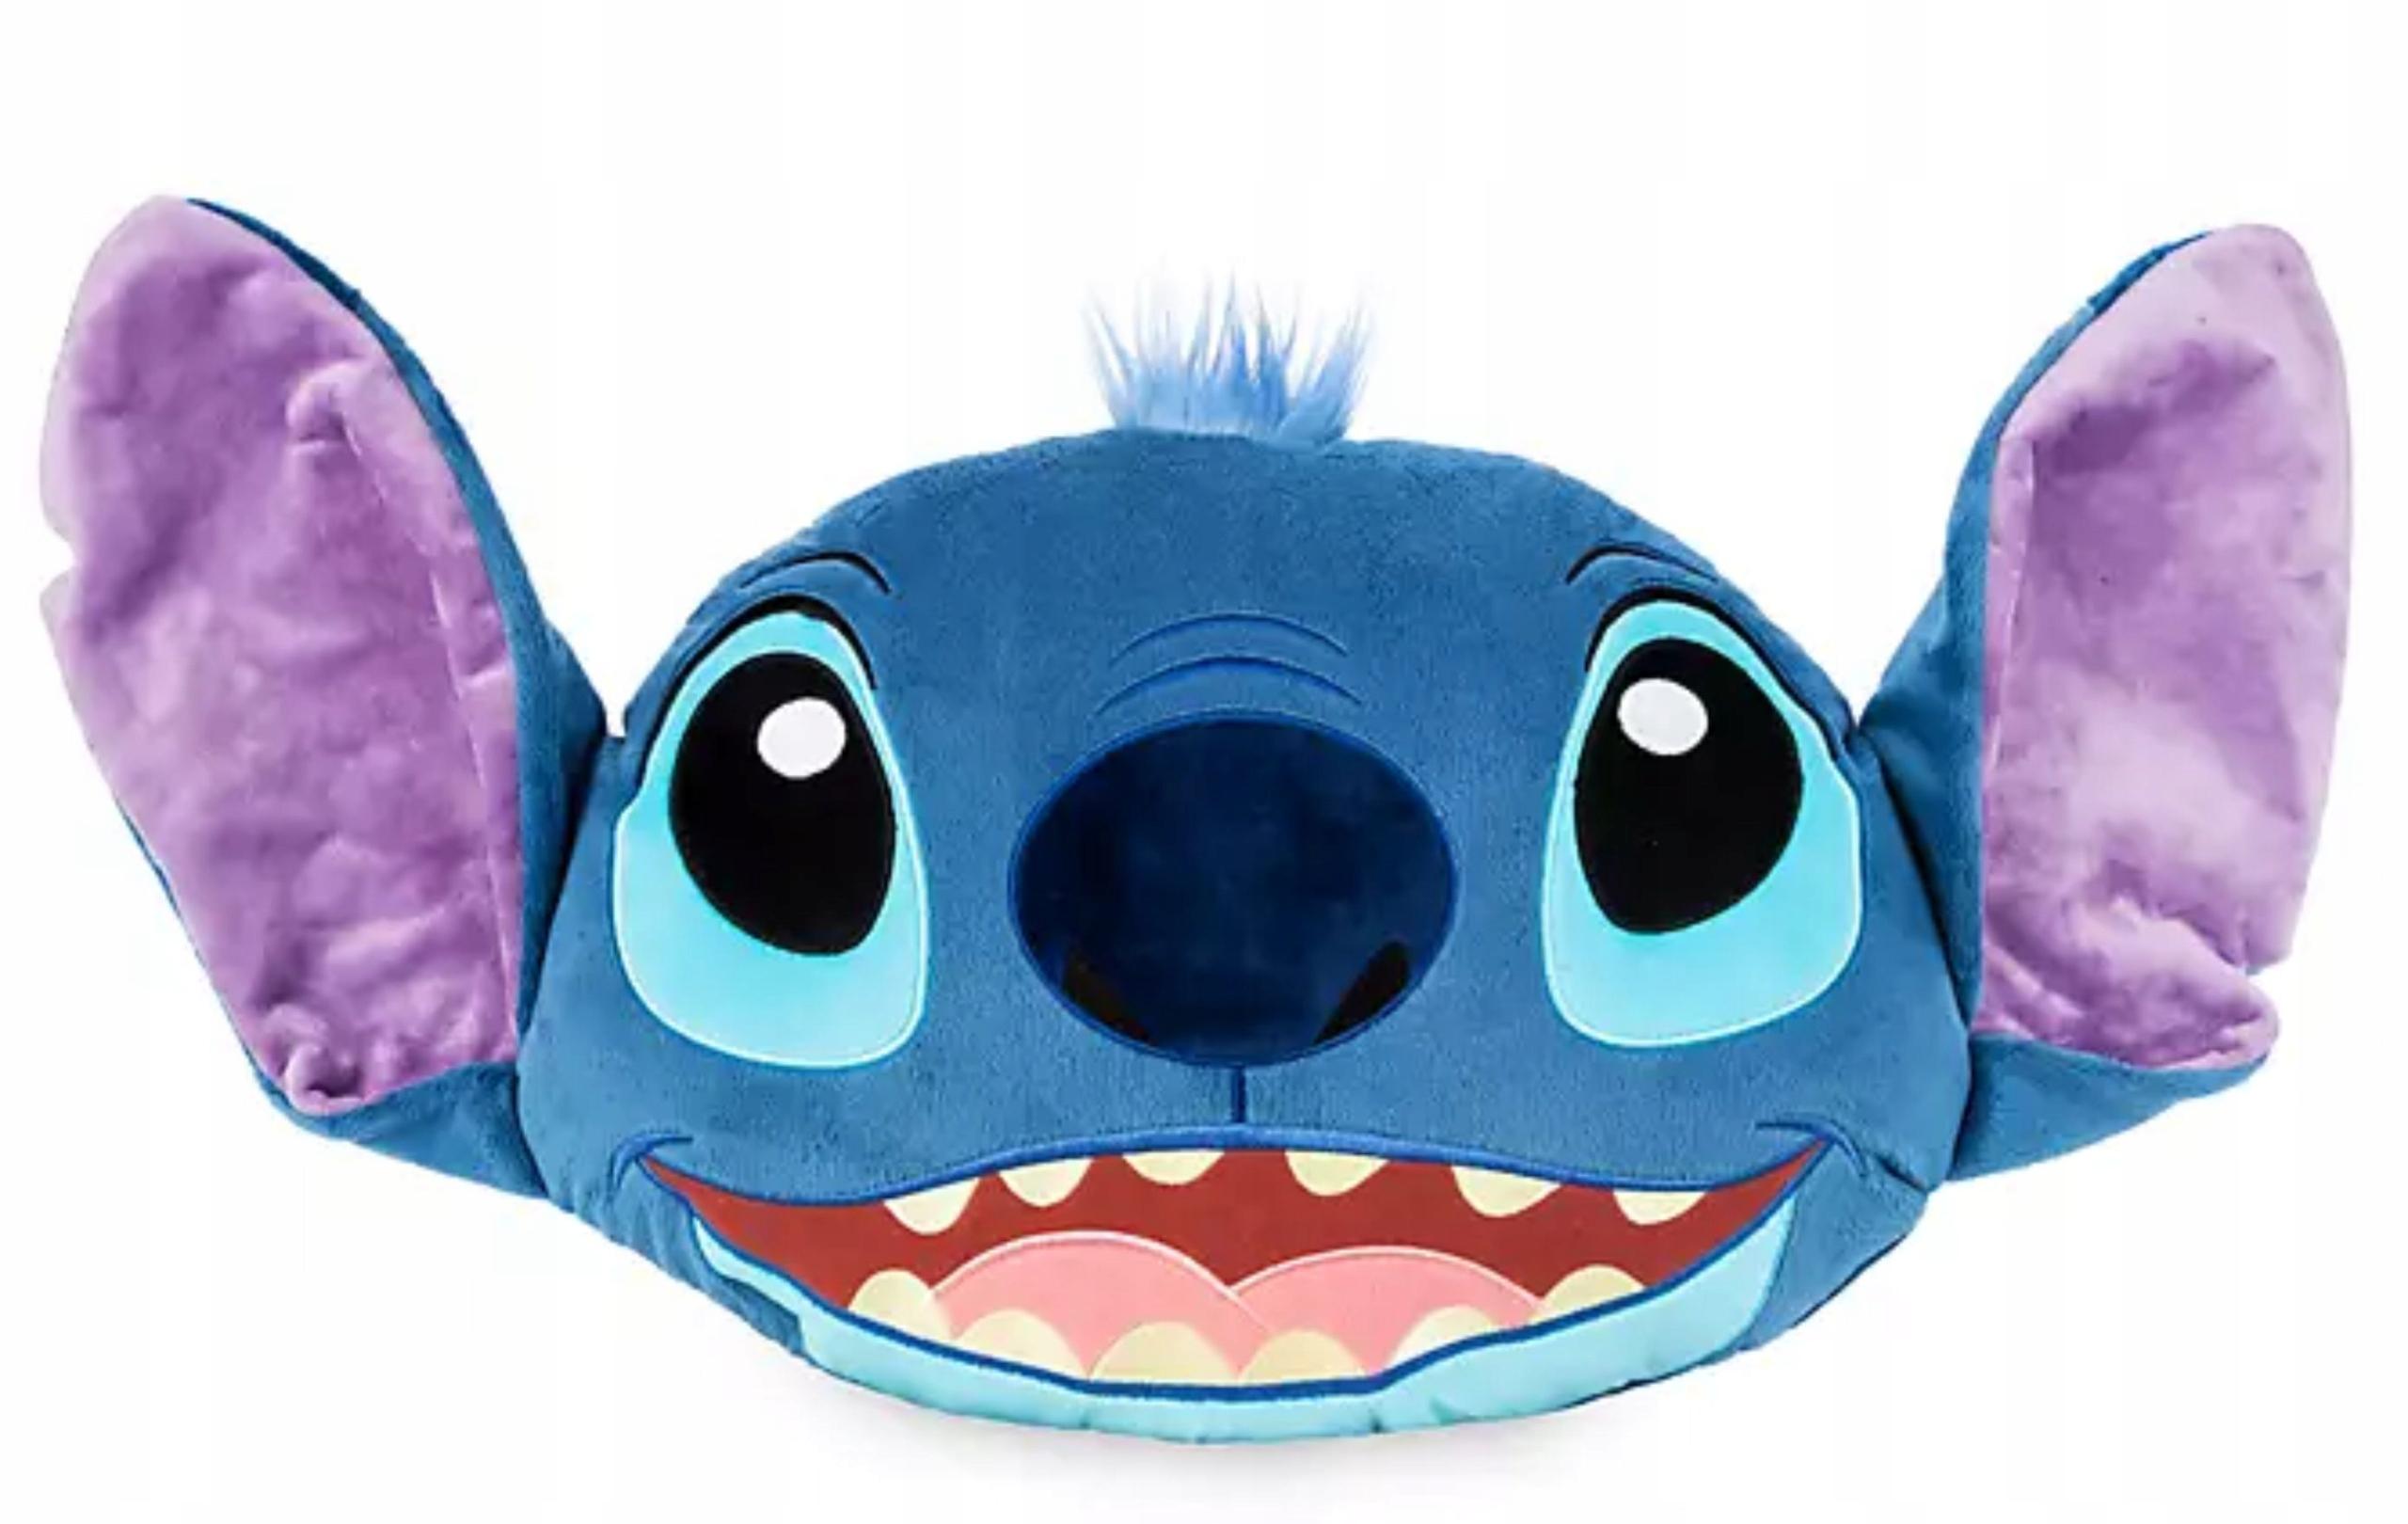 Stitch Lilo a Stitch Disney ukladajú vankúš 24H